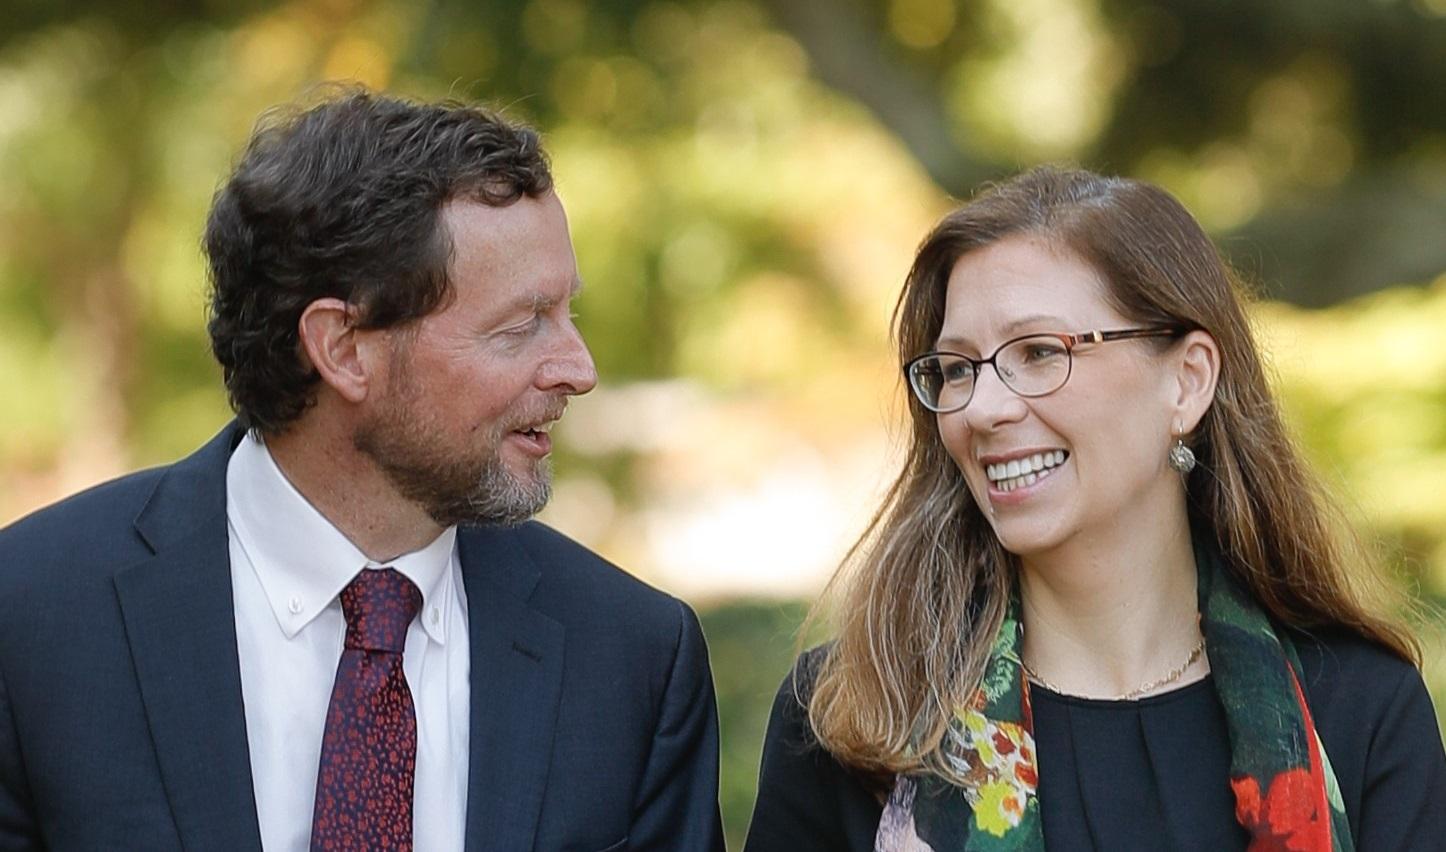 Man and woman, Benjamin Storey and Jenna Silber Storey